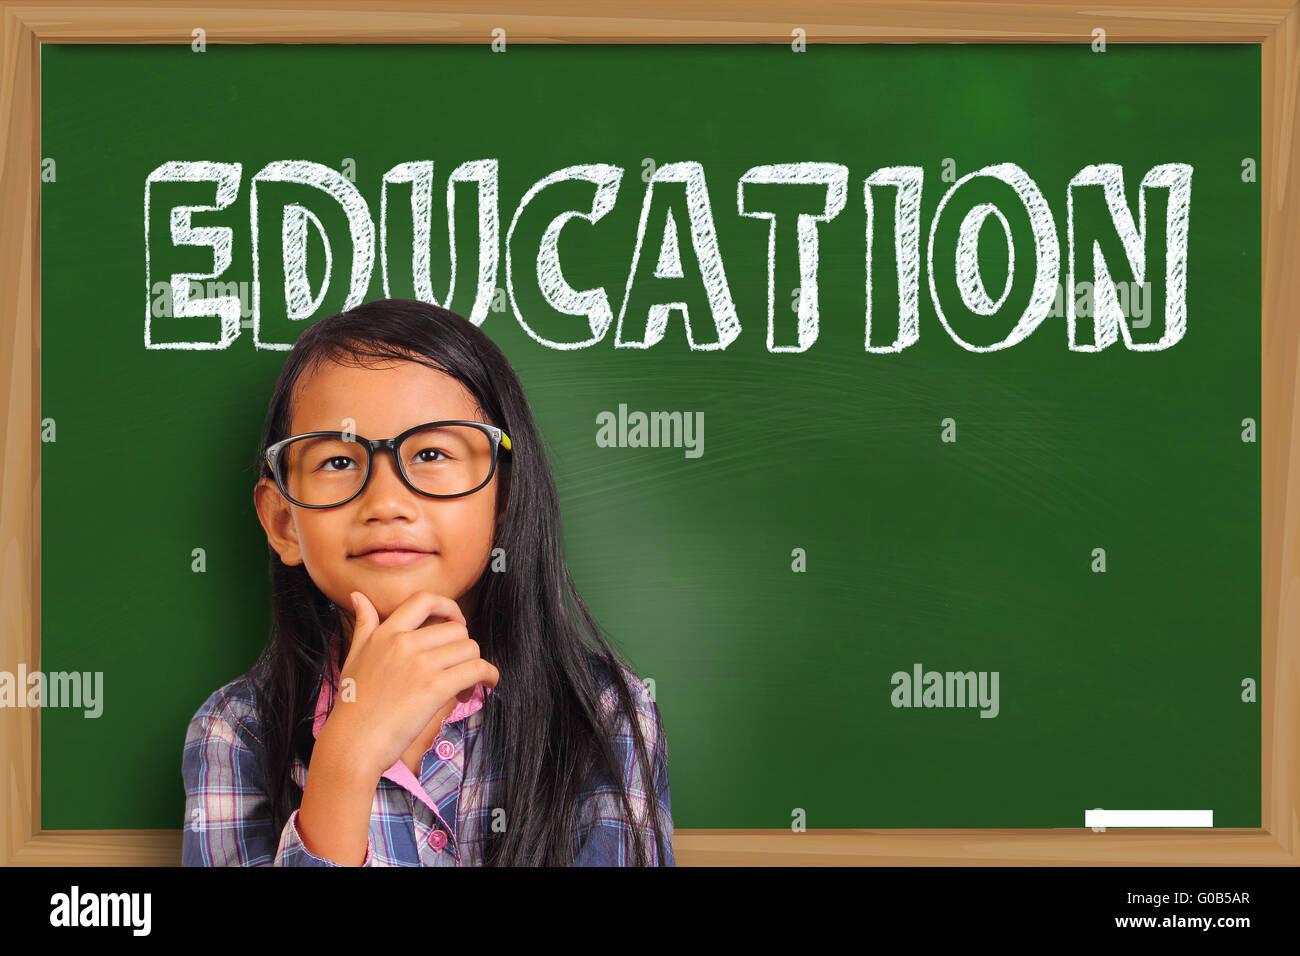 Kleine asiatische Studentin Lächeln und denken über grüne Tafel mit Bildung Word darauf geschrieben Stockbild